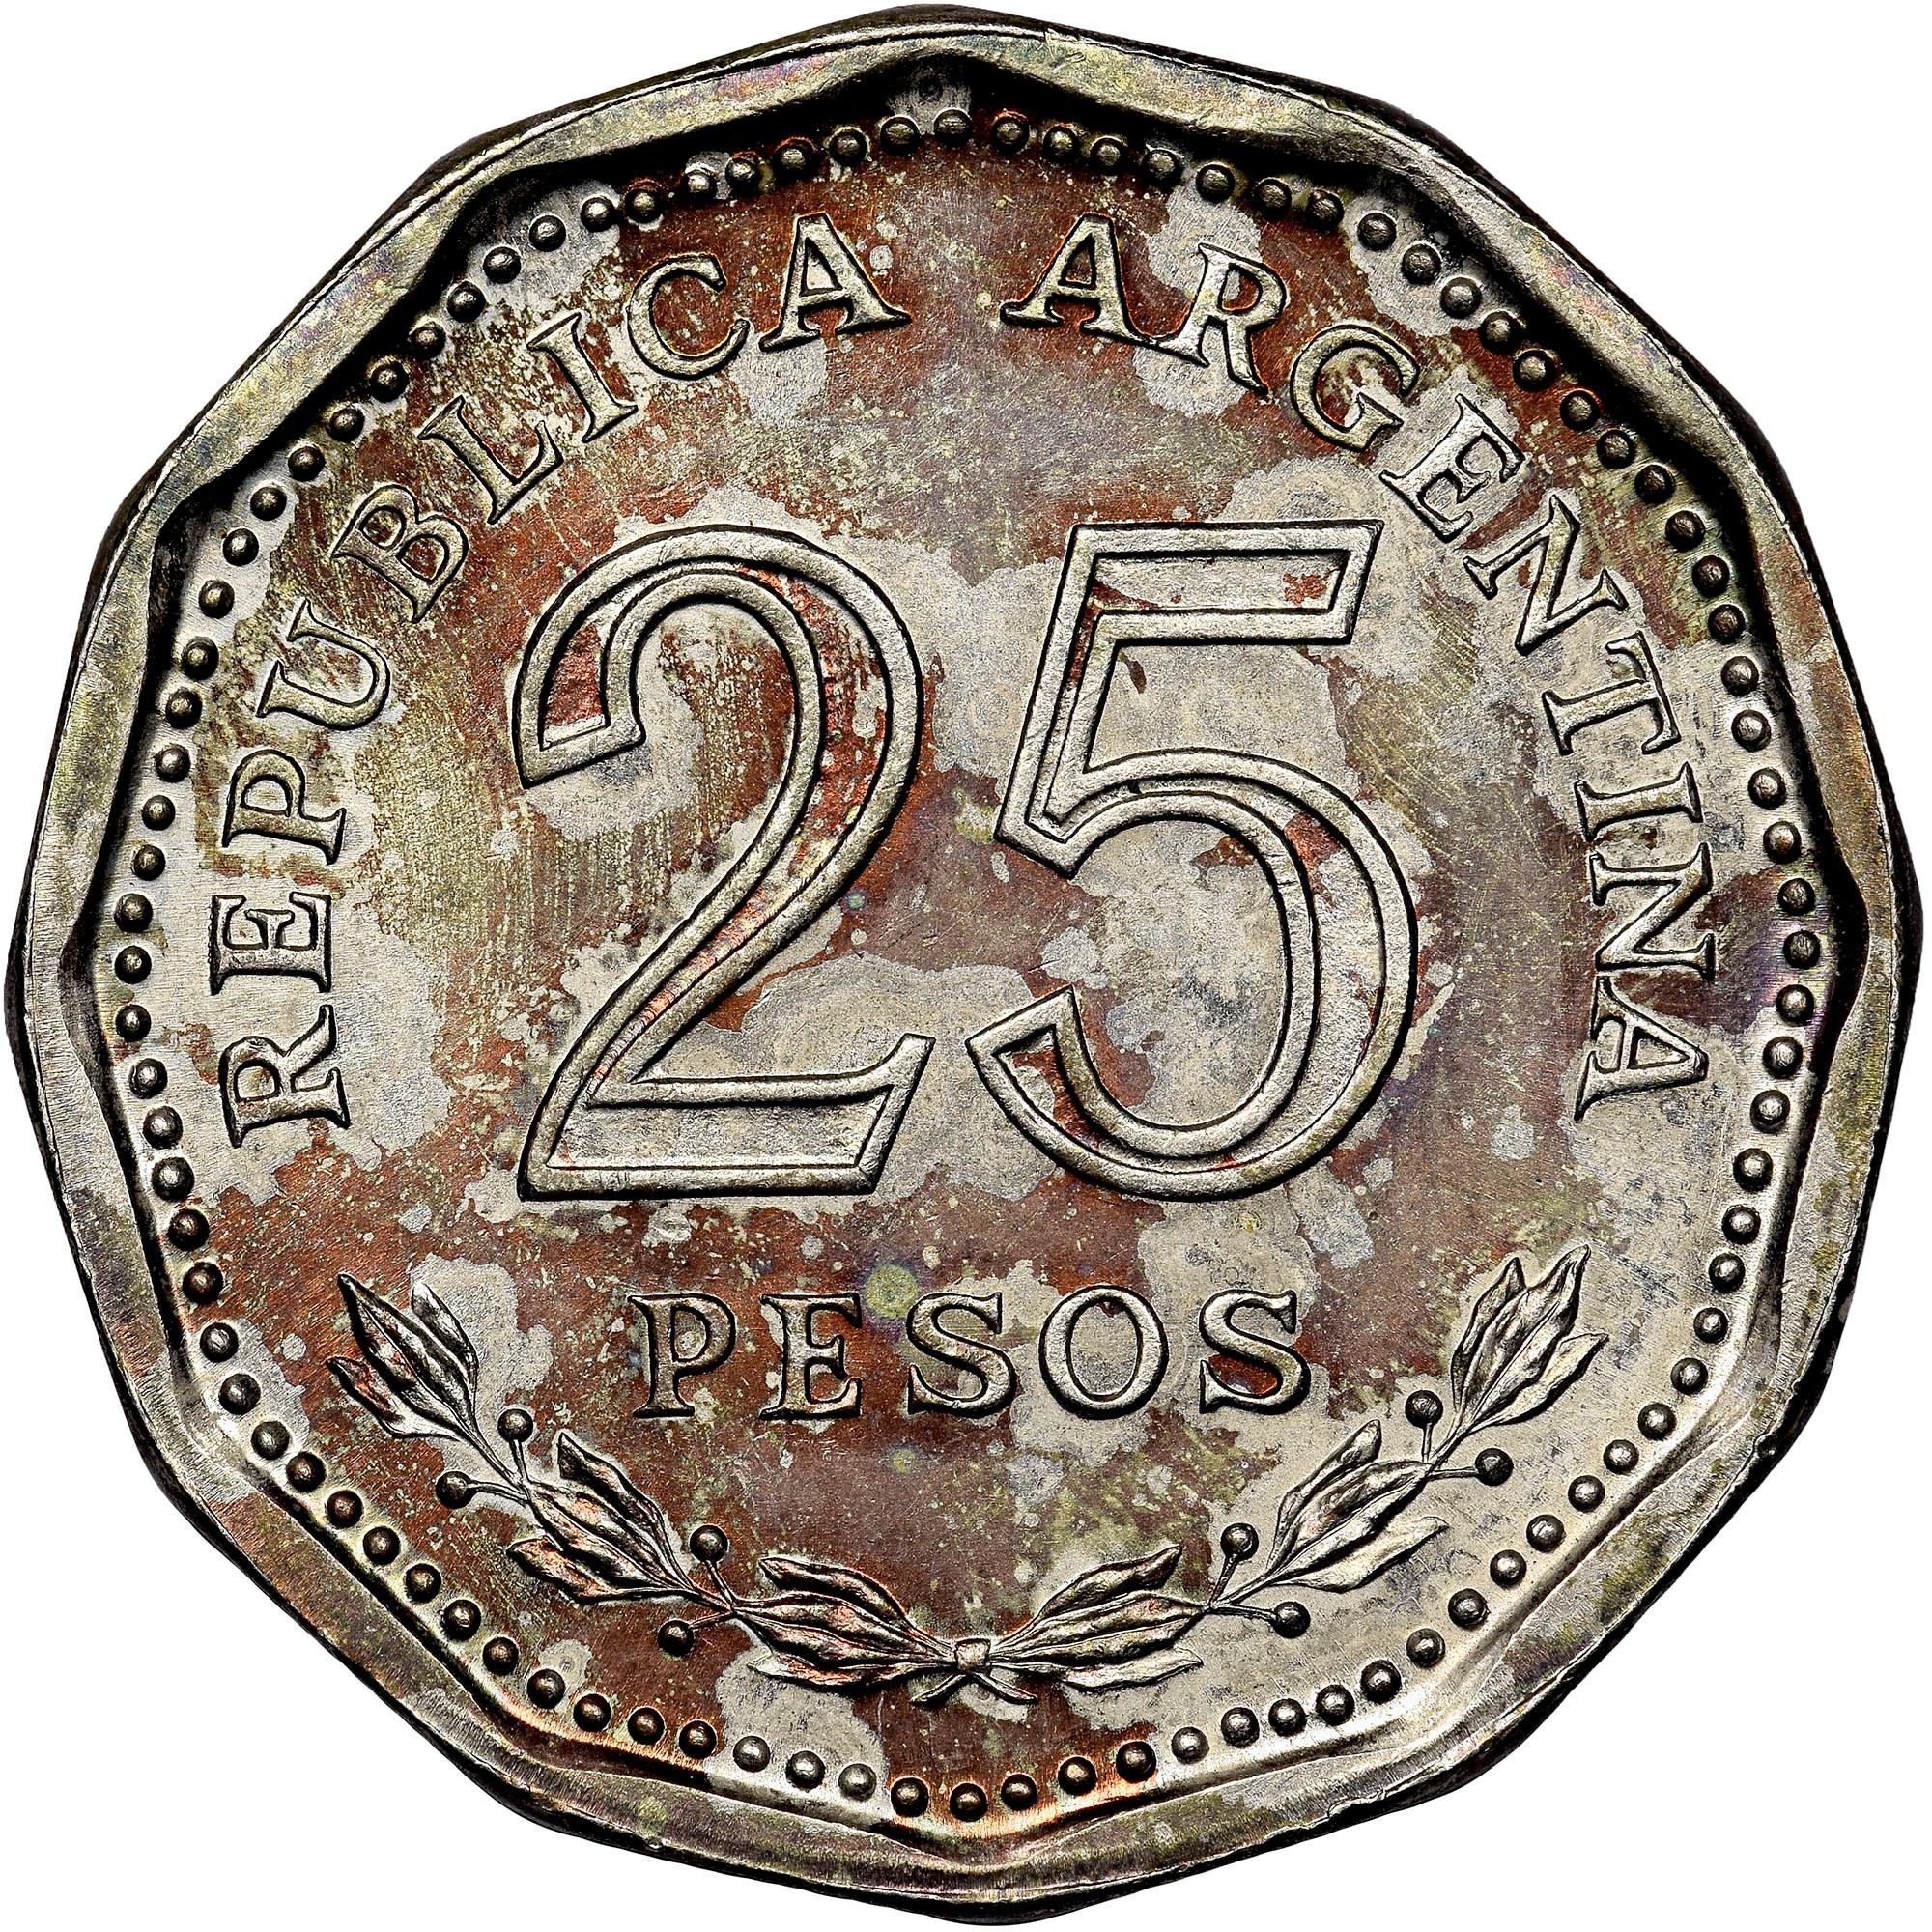 Argentina 25 Pesos obverse